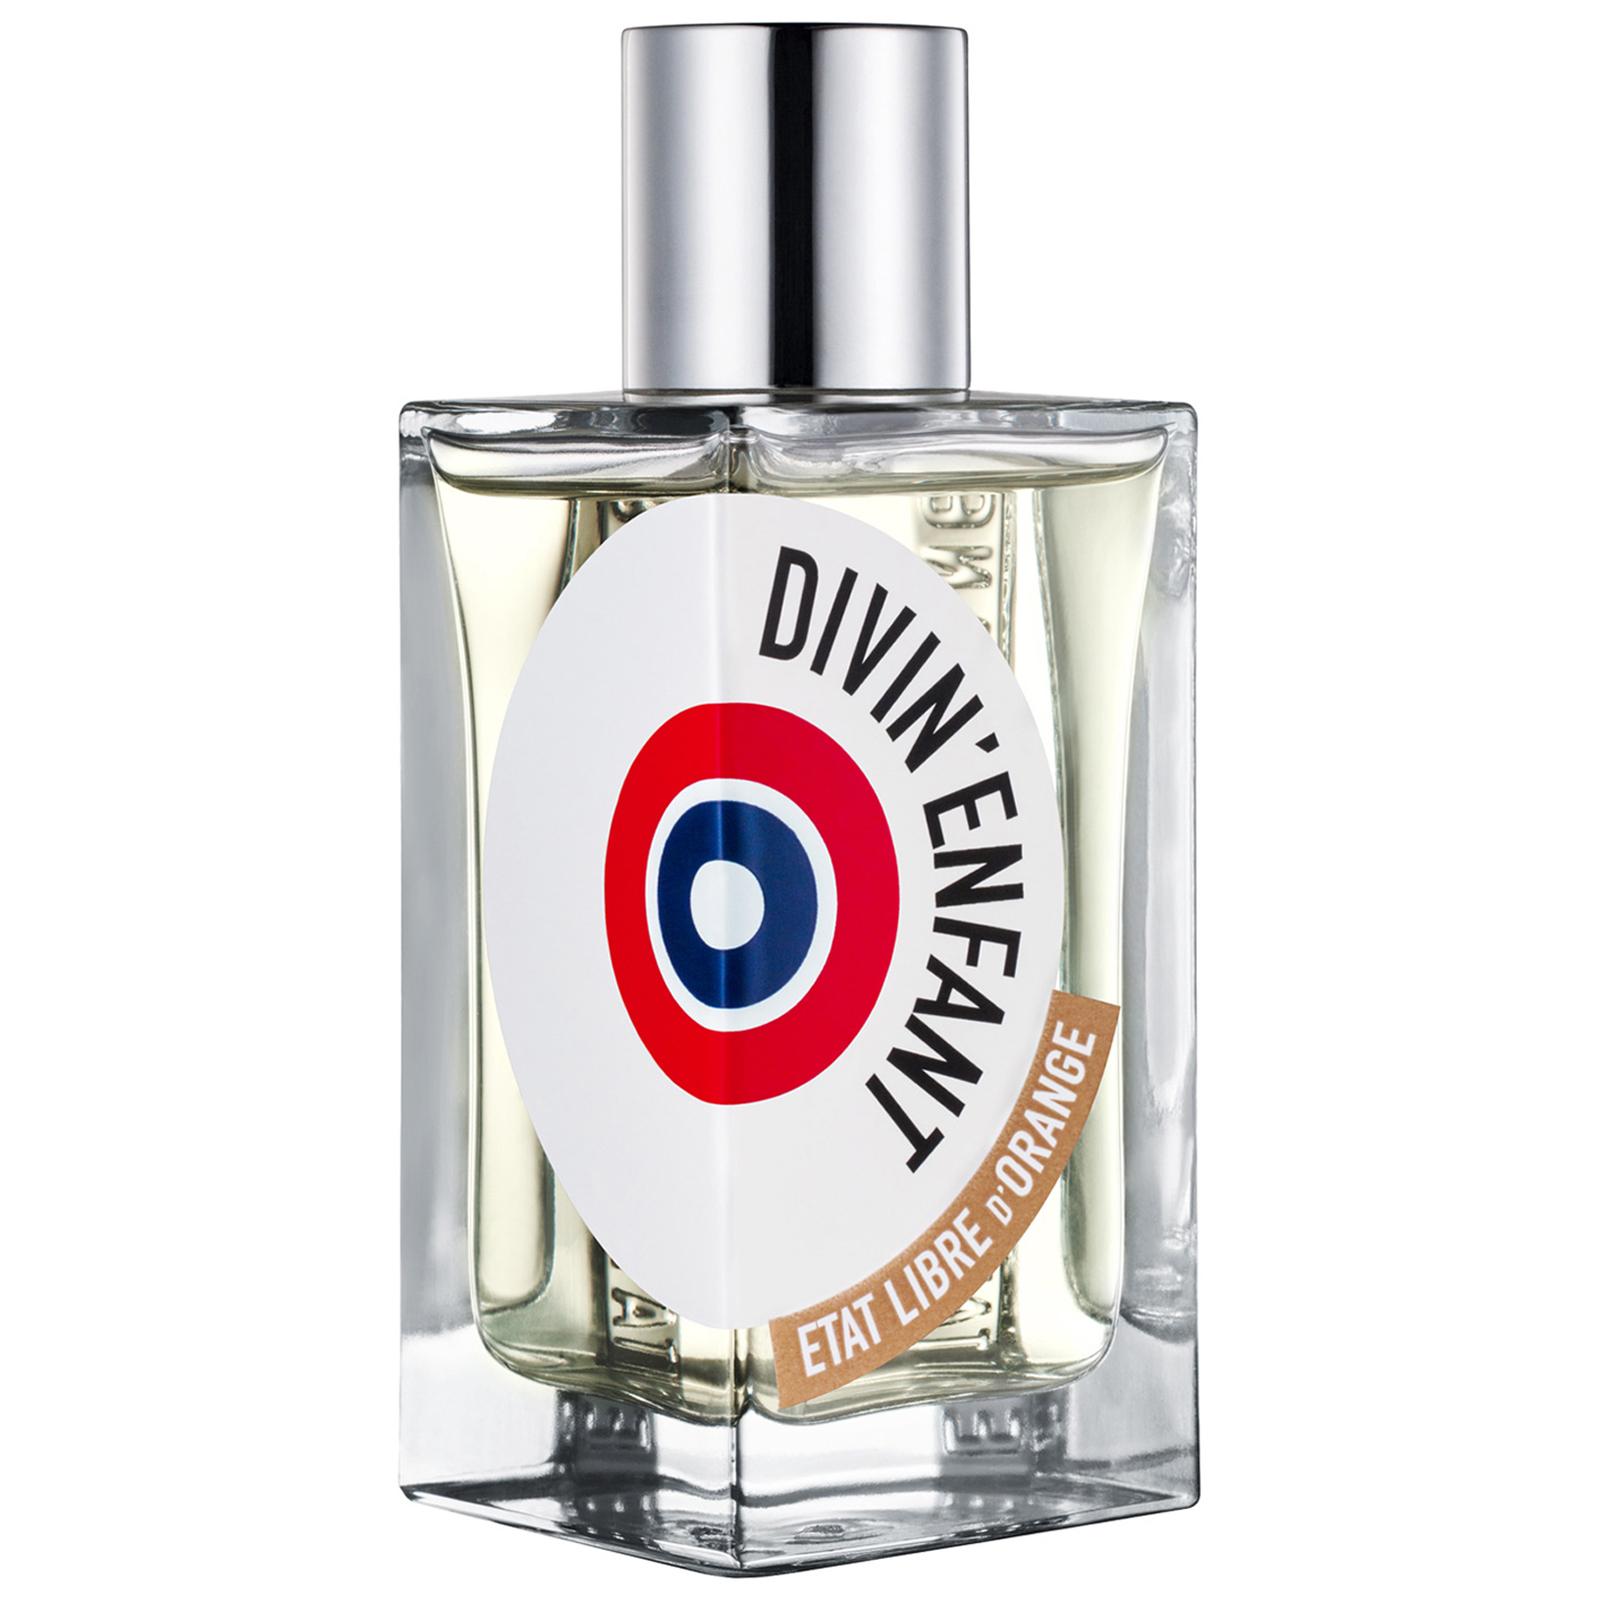 Divin enfant profumo eau de parfum 100 ml